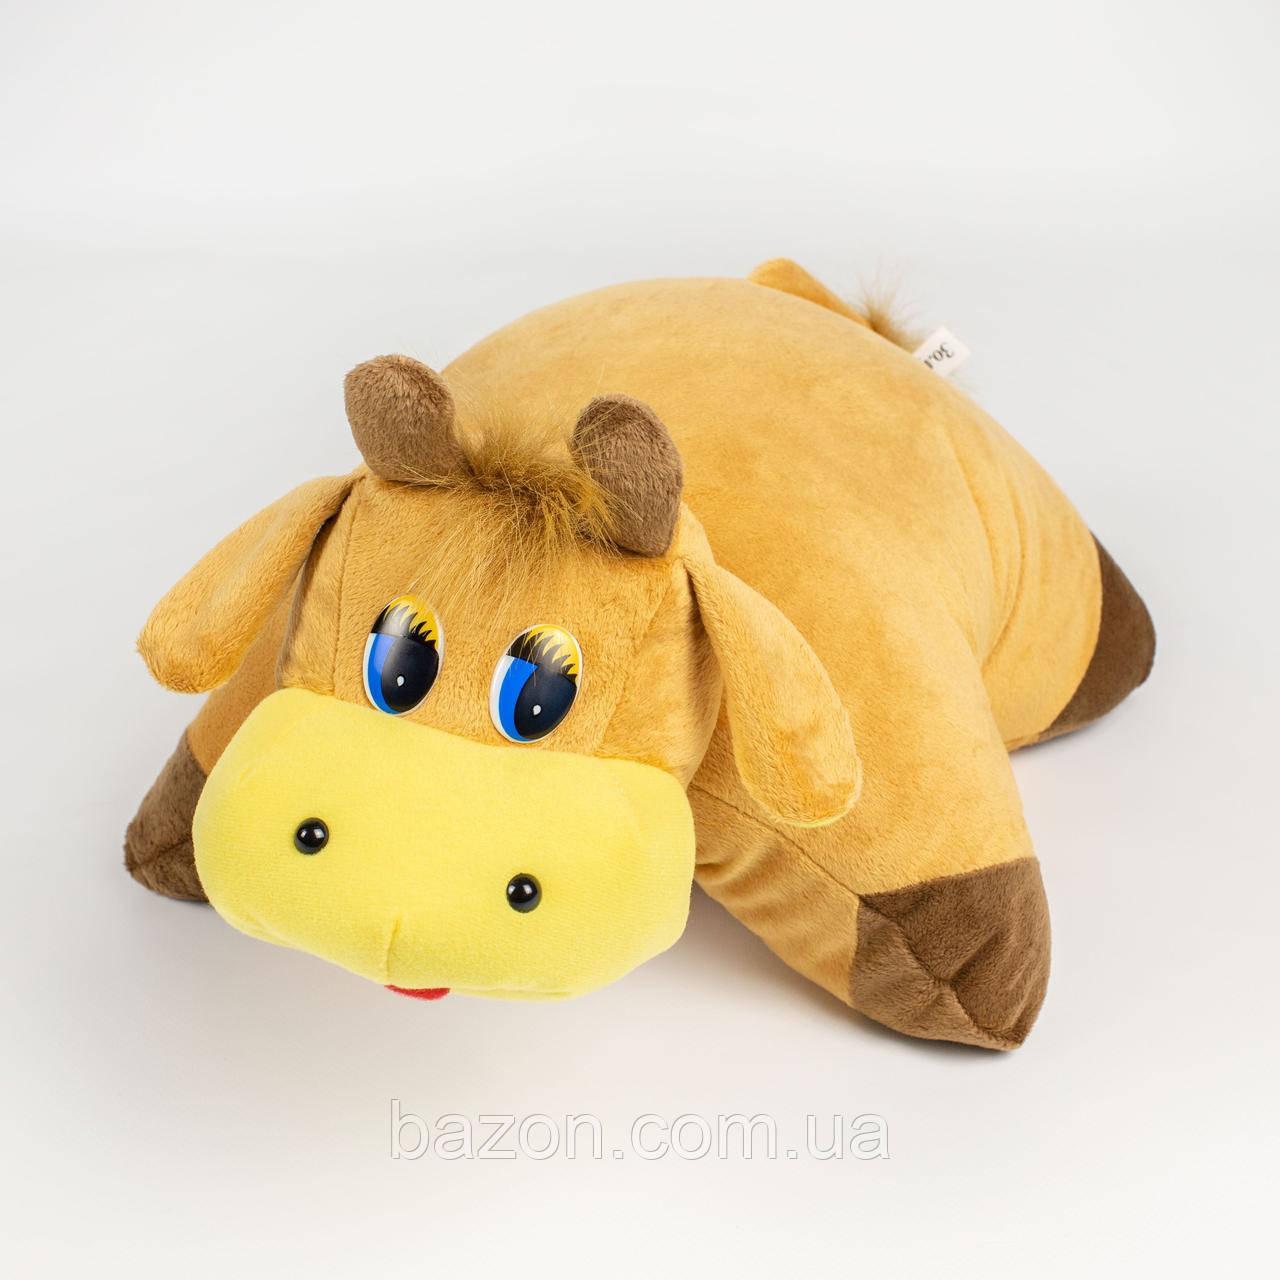 Мягкая игрушка Подушка трансформер бычок